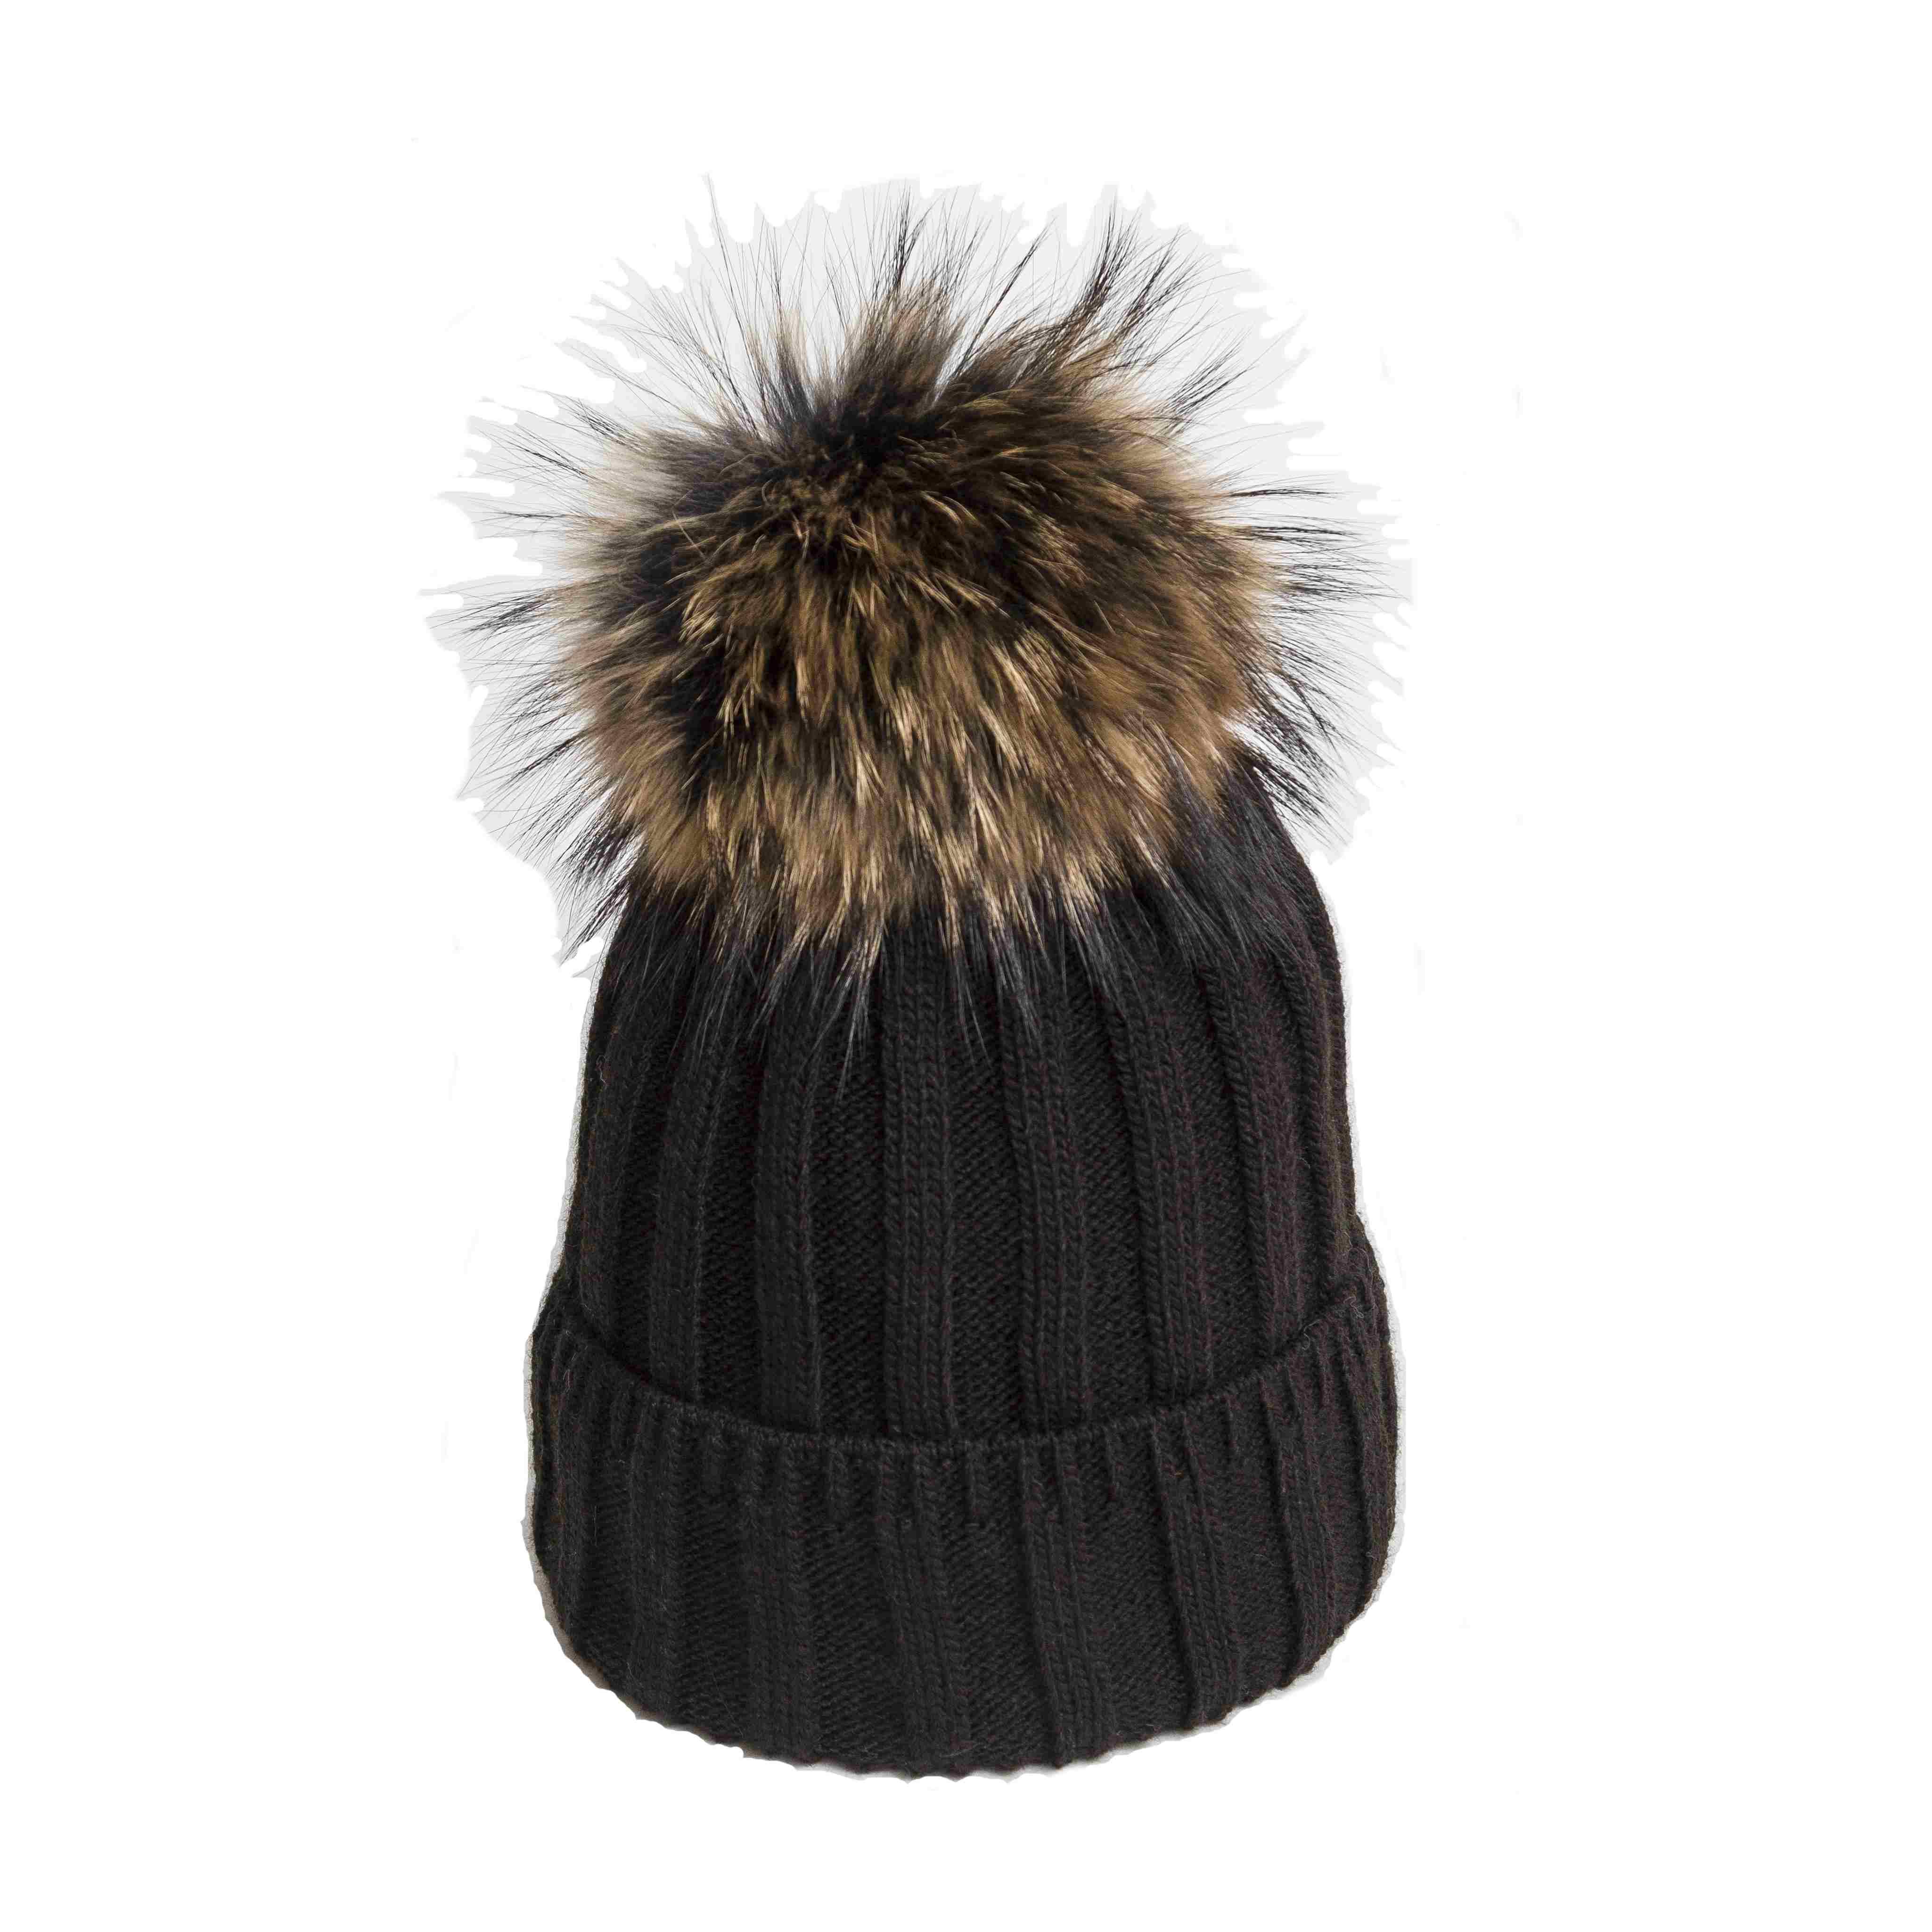 584183a3627 Black Bobble Hat With Fur Bobble